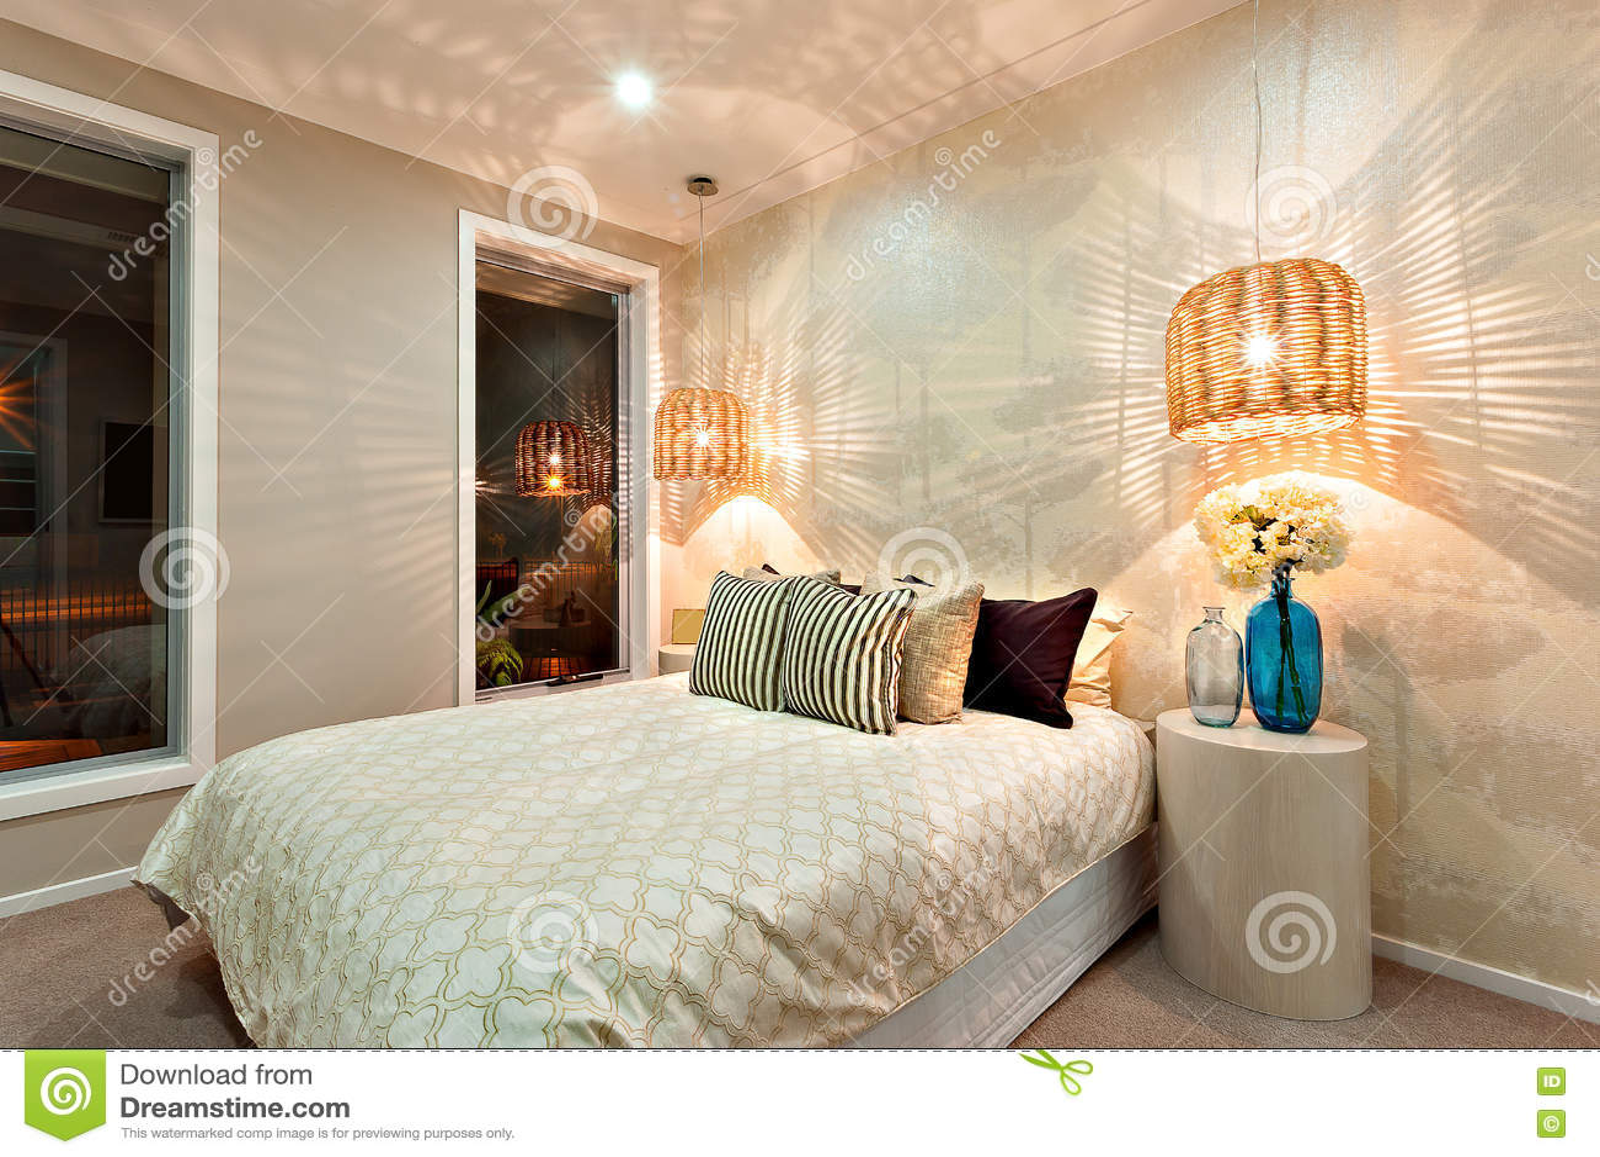 Seitenansicht eines luxuriösen Schlafzimmers mit einem Bett